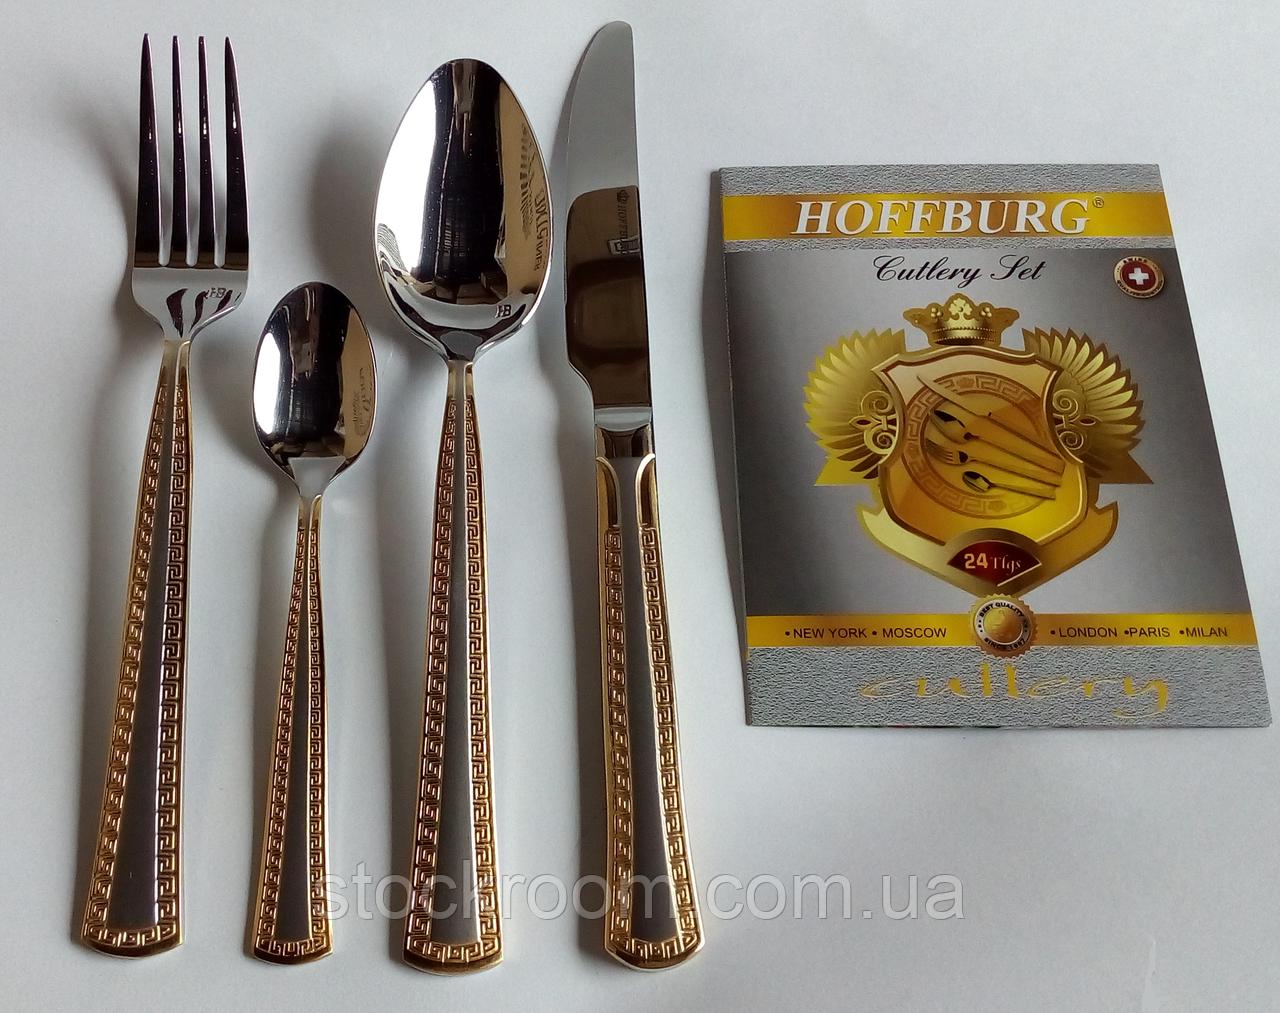 Столовые приборы Hoffburg HB 2478 GS Versus 24 предмета